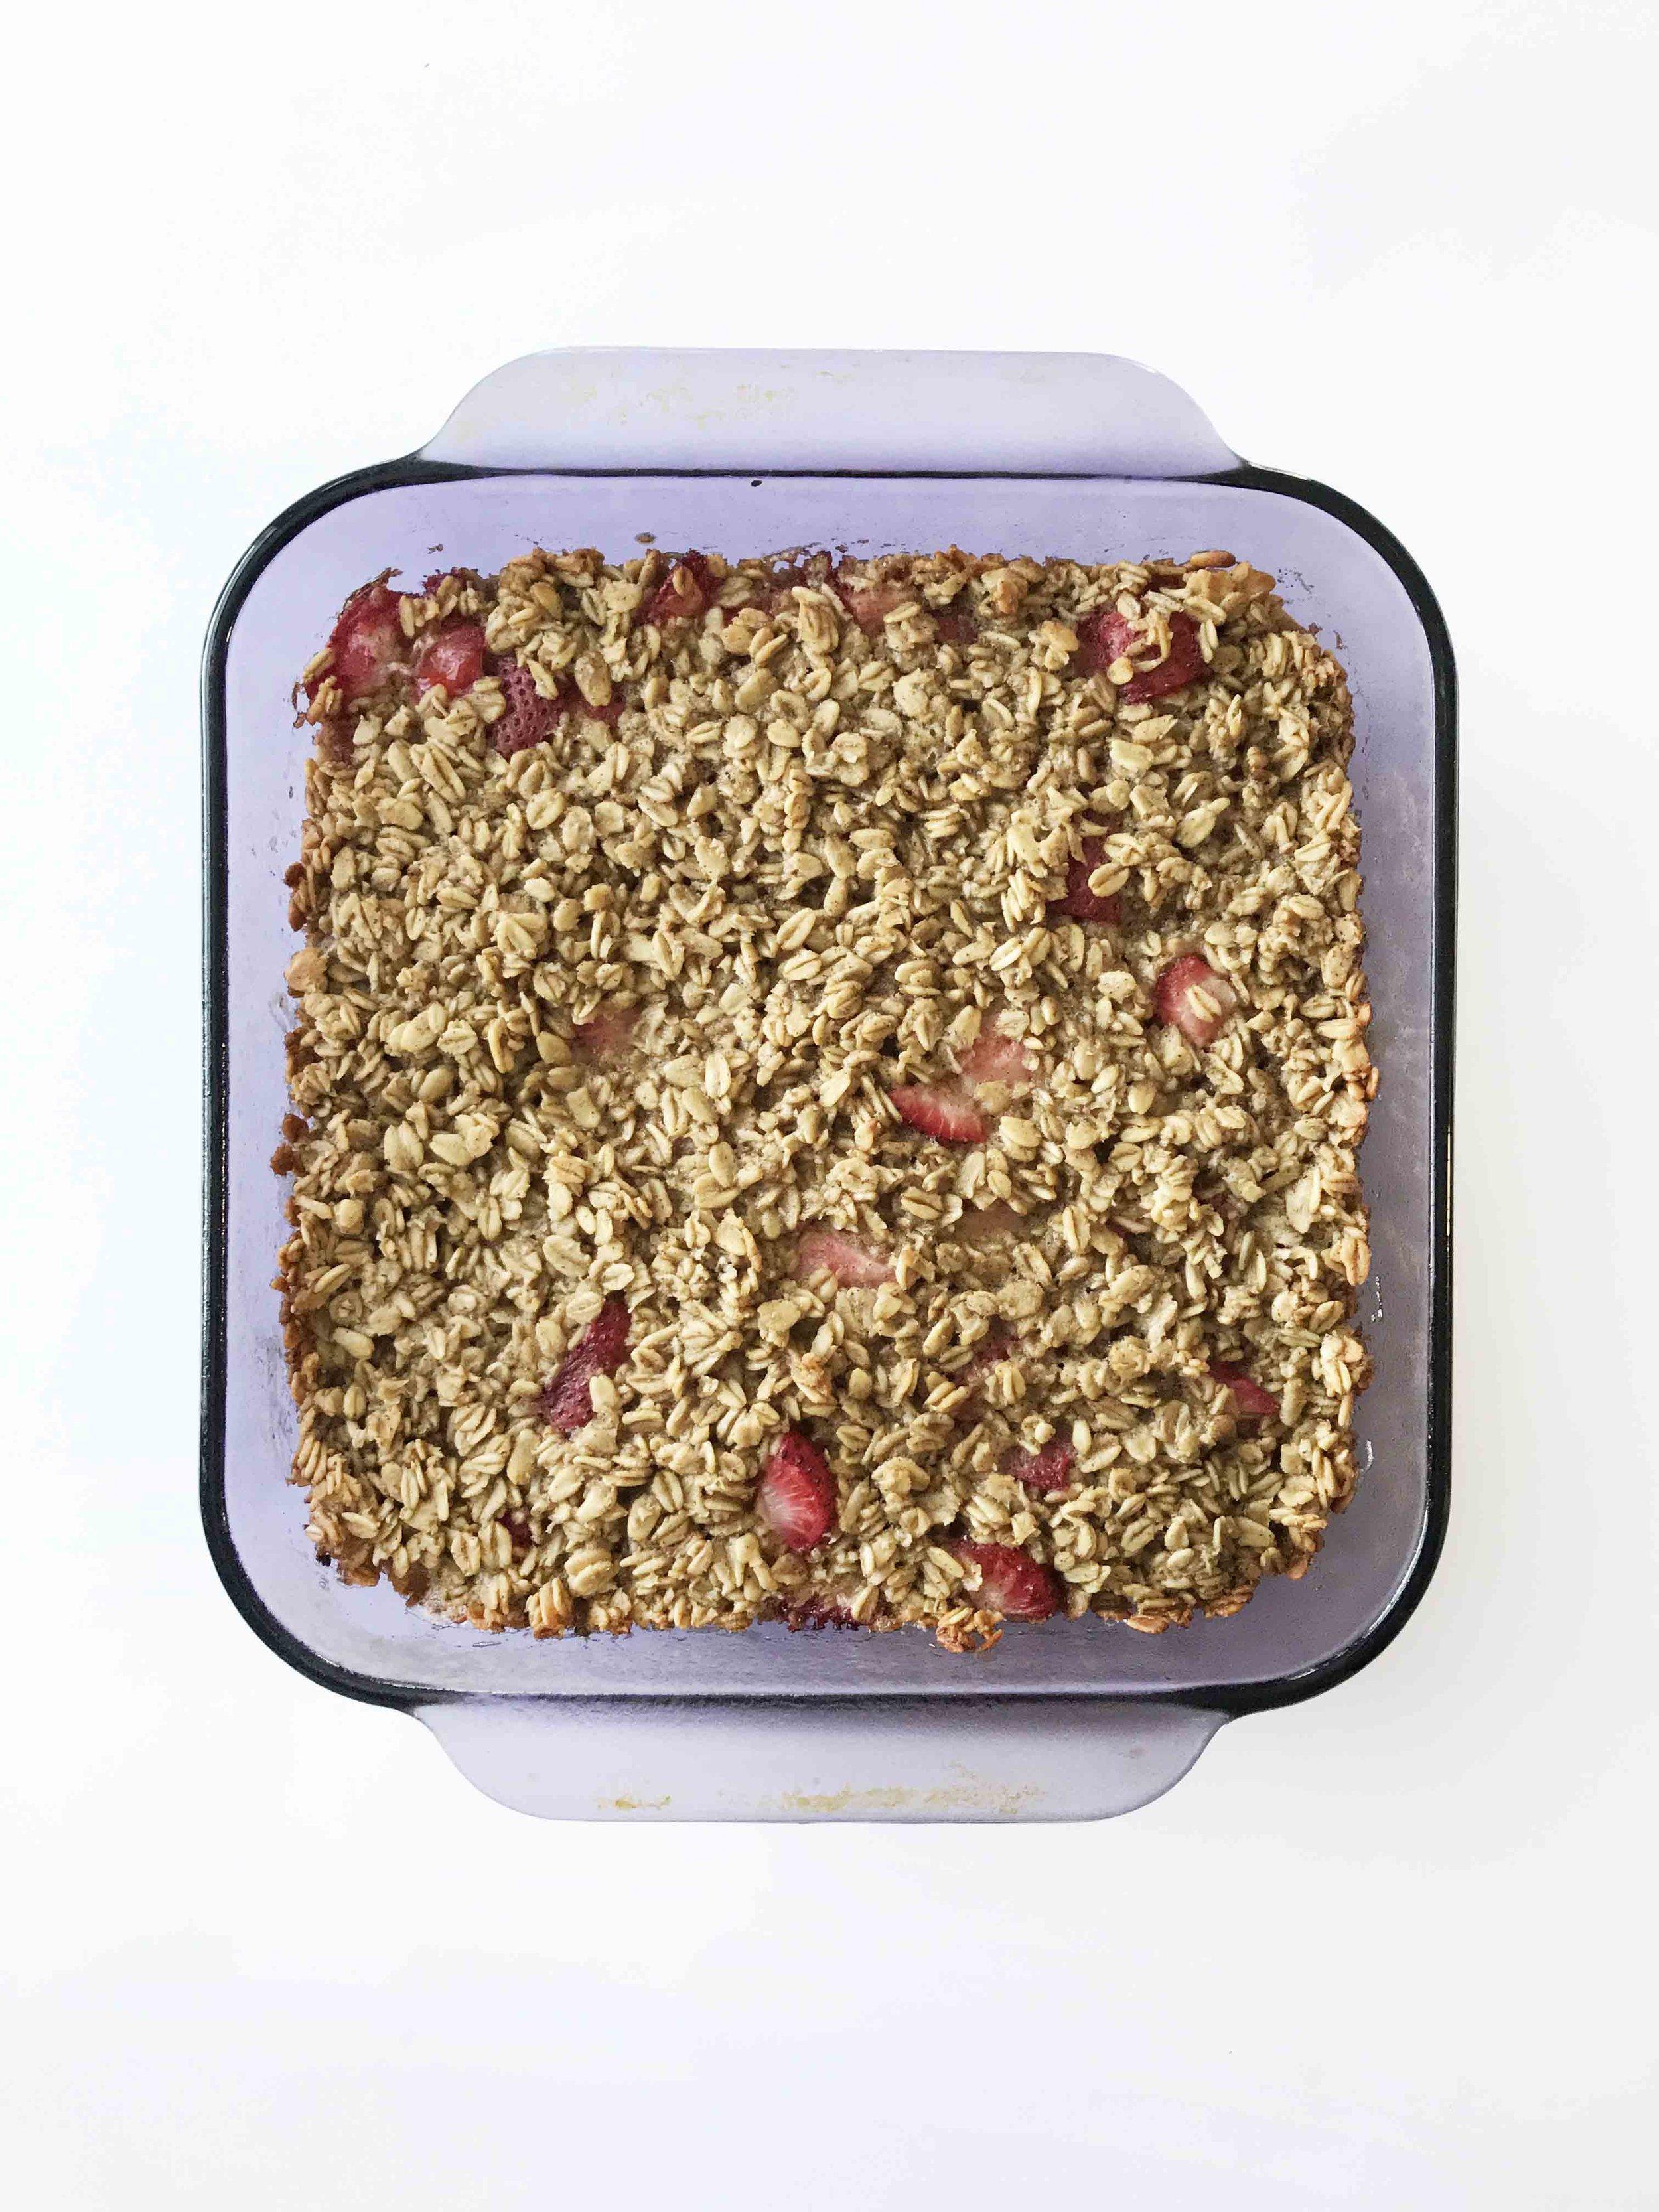 strawberry-oatmeal6.jpg